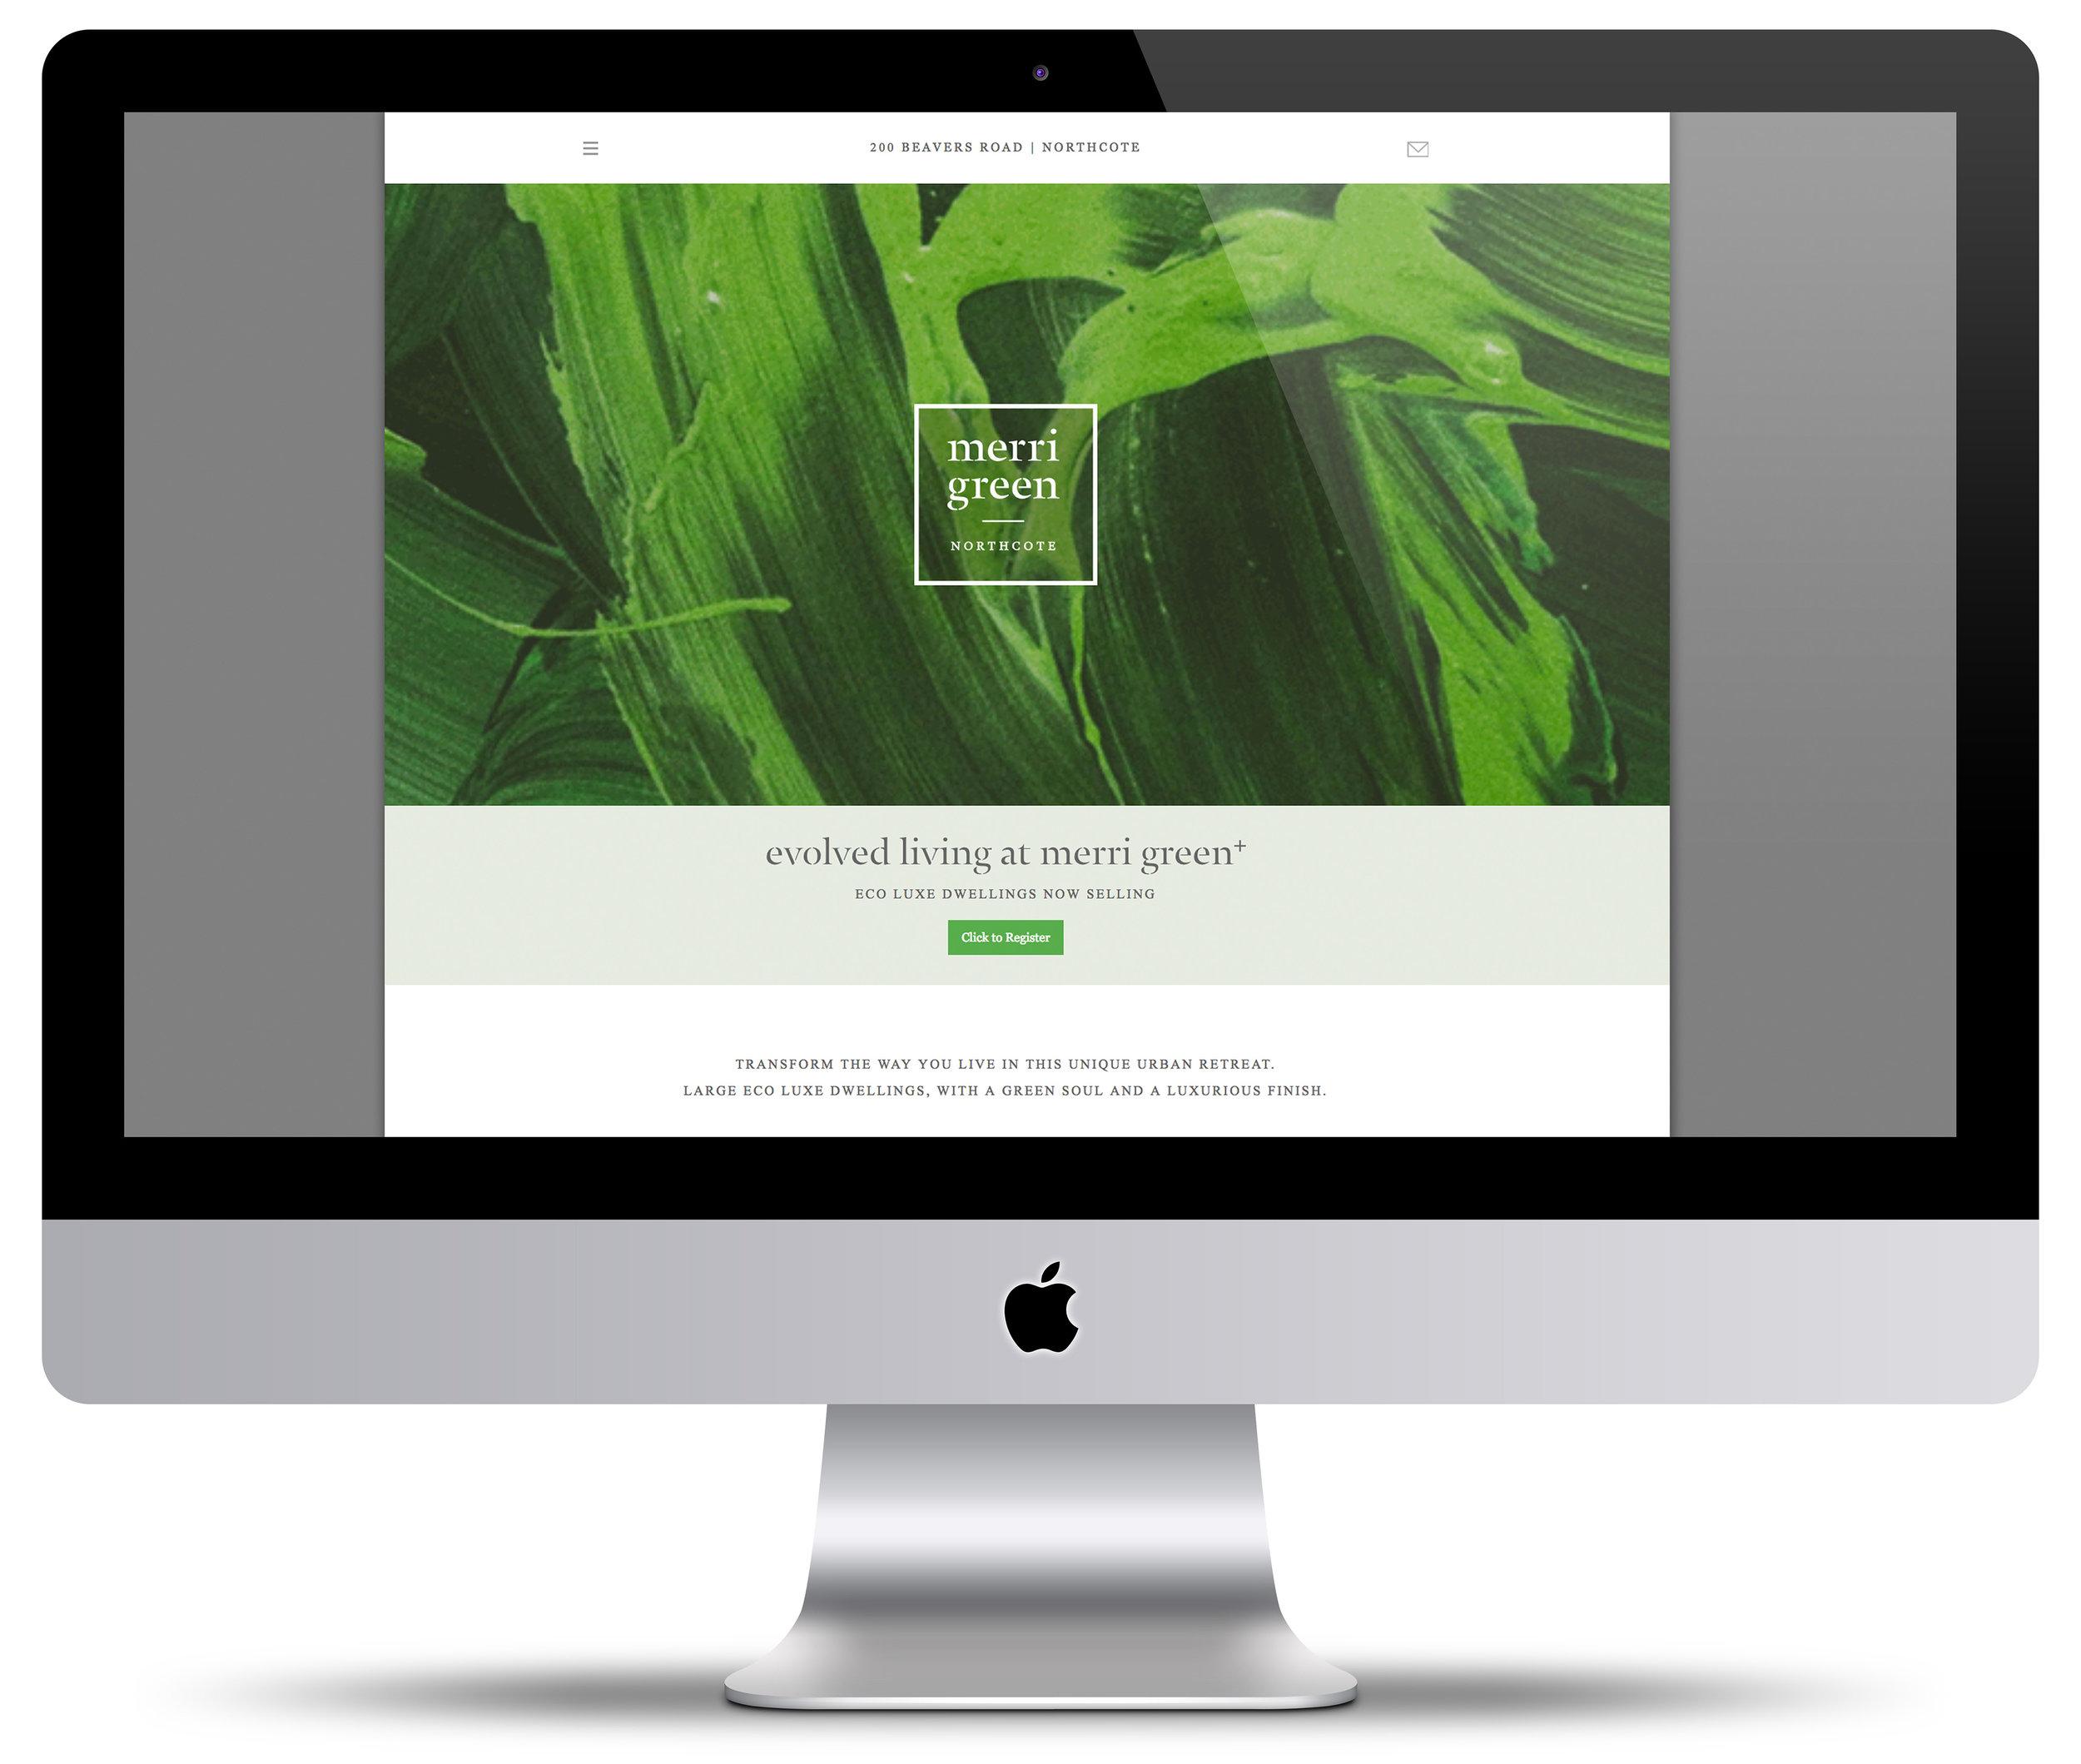 Merri Green Website + Digital Design  Click image above to visit live website.